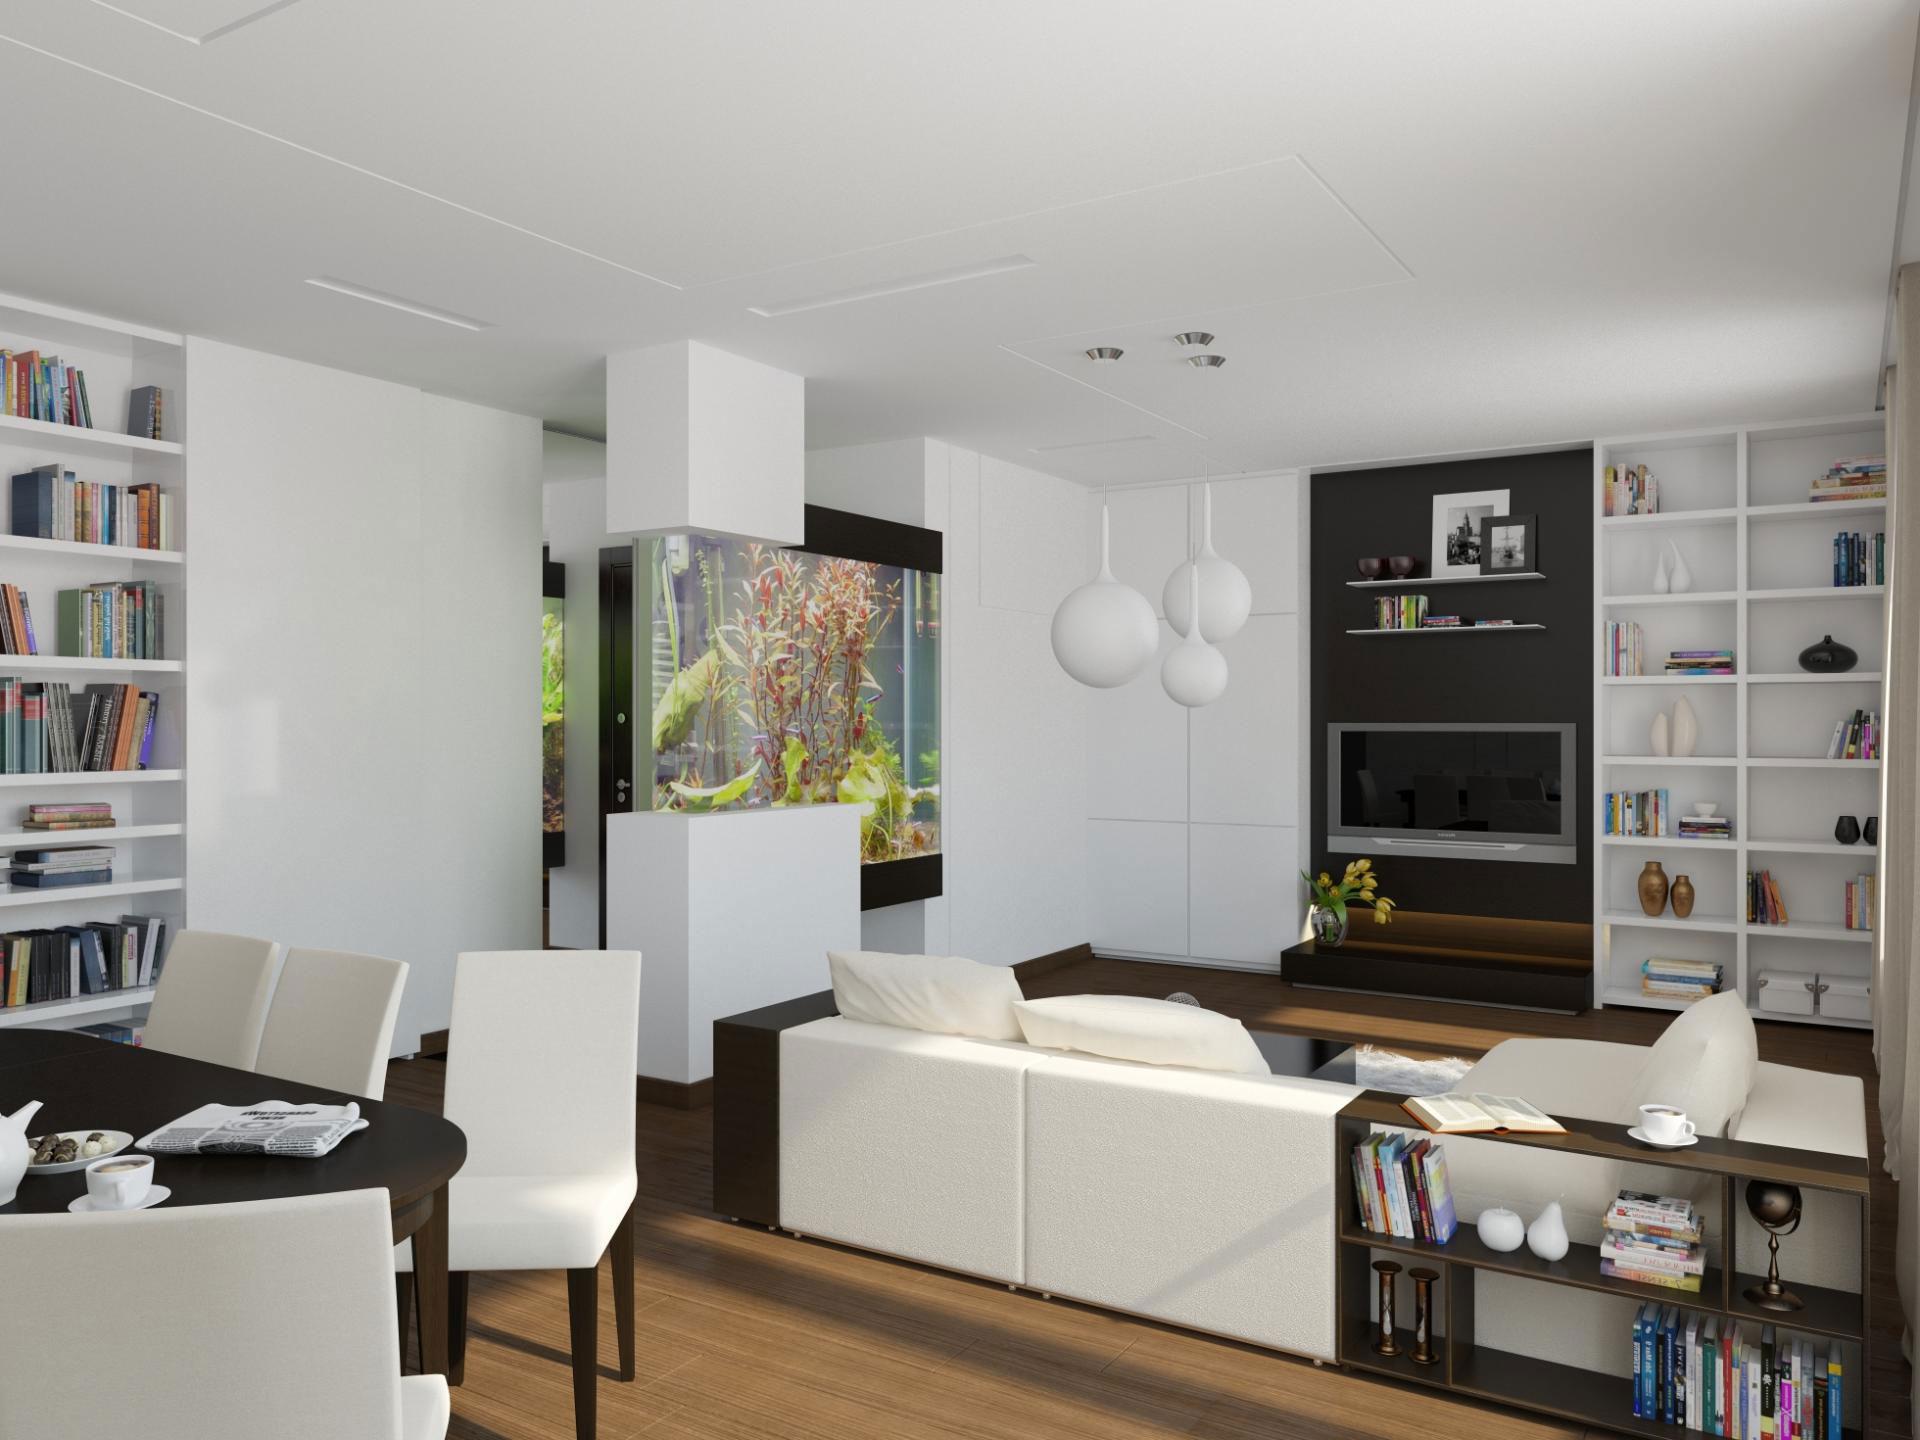 Оформление интерьера квартиры в стиле минимализм